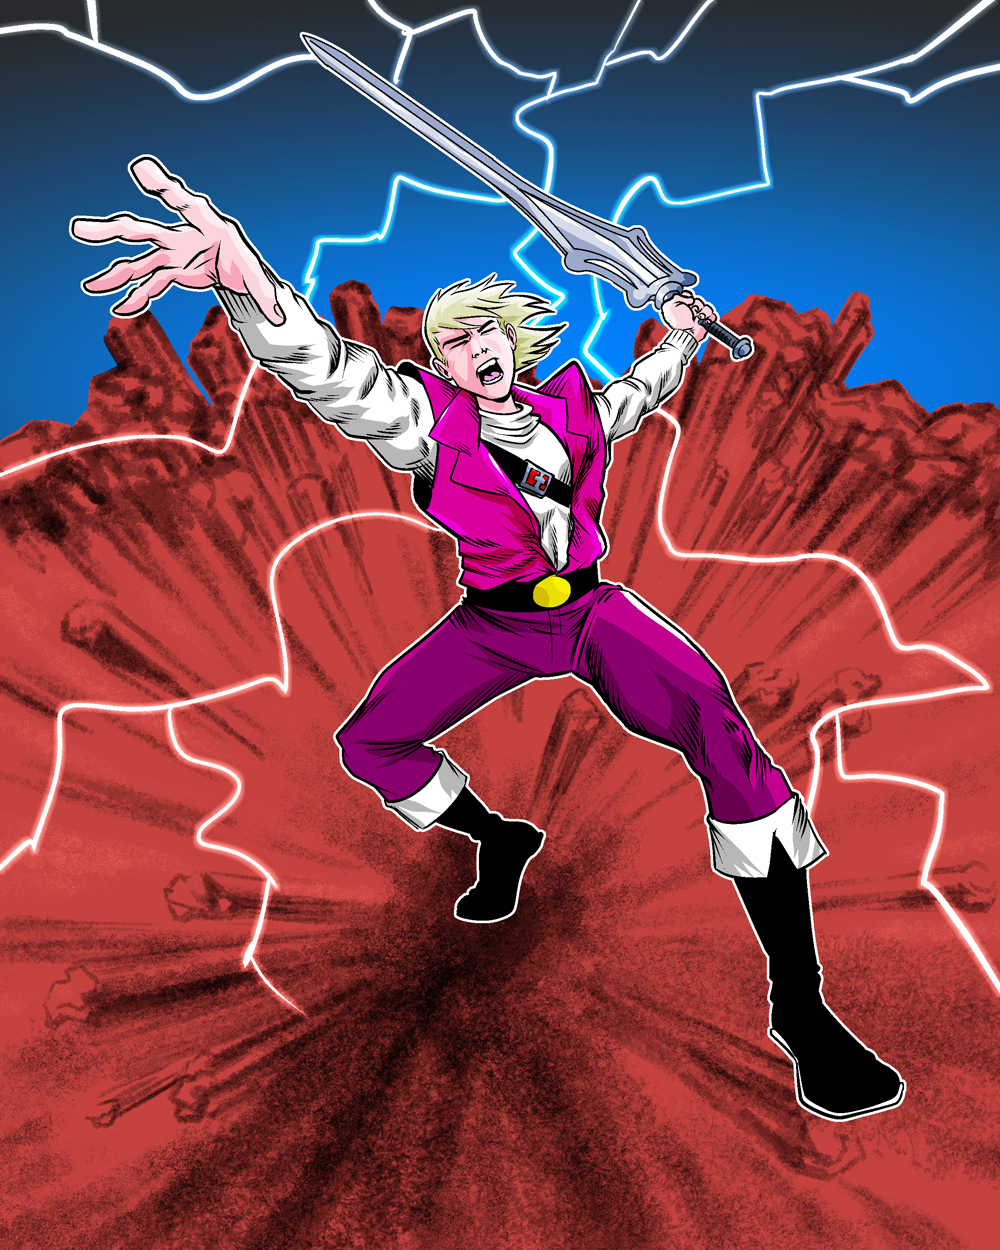 1. Prince Adam & He-Man